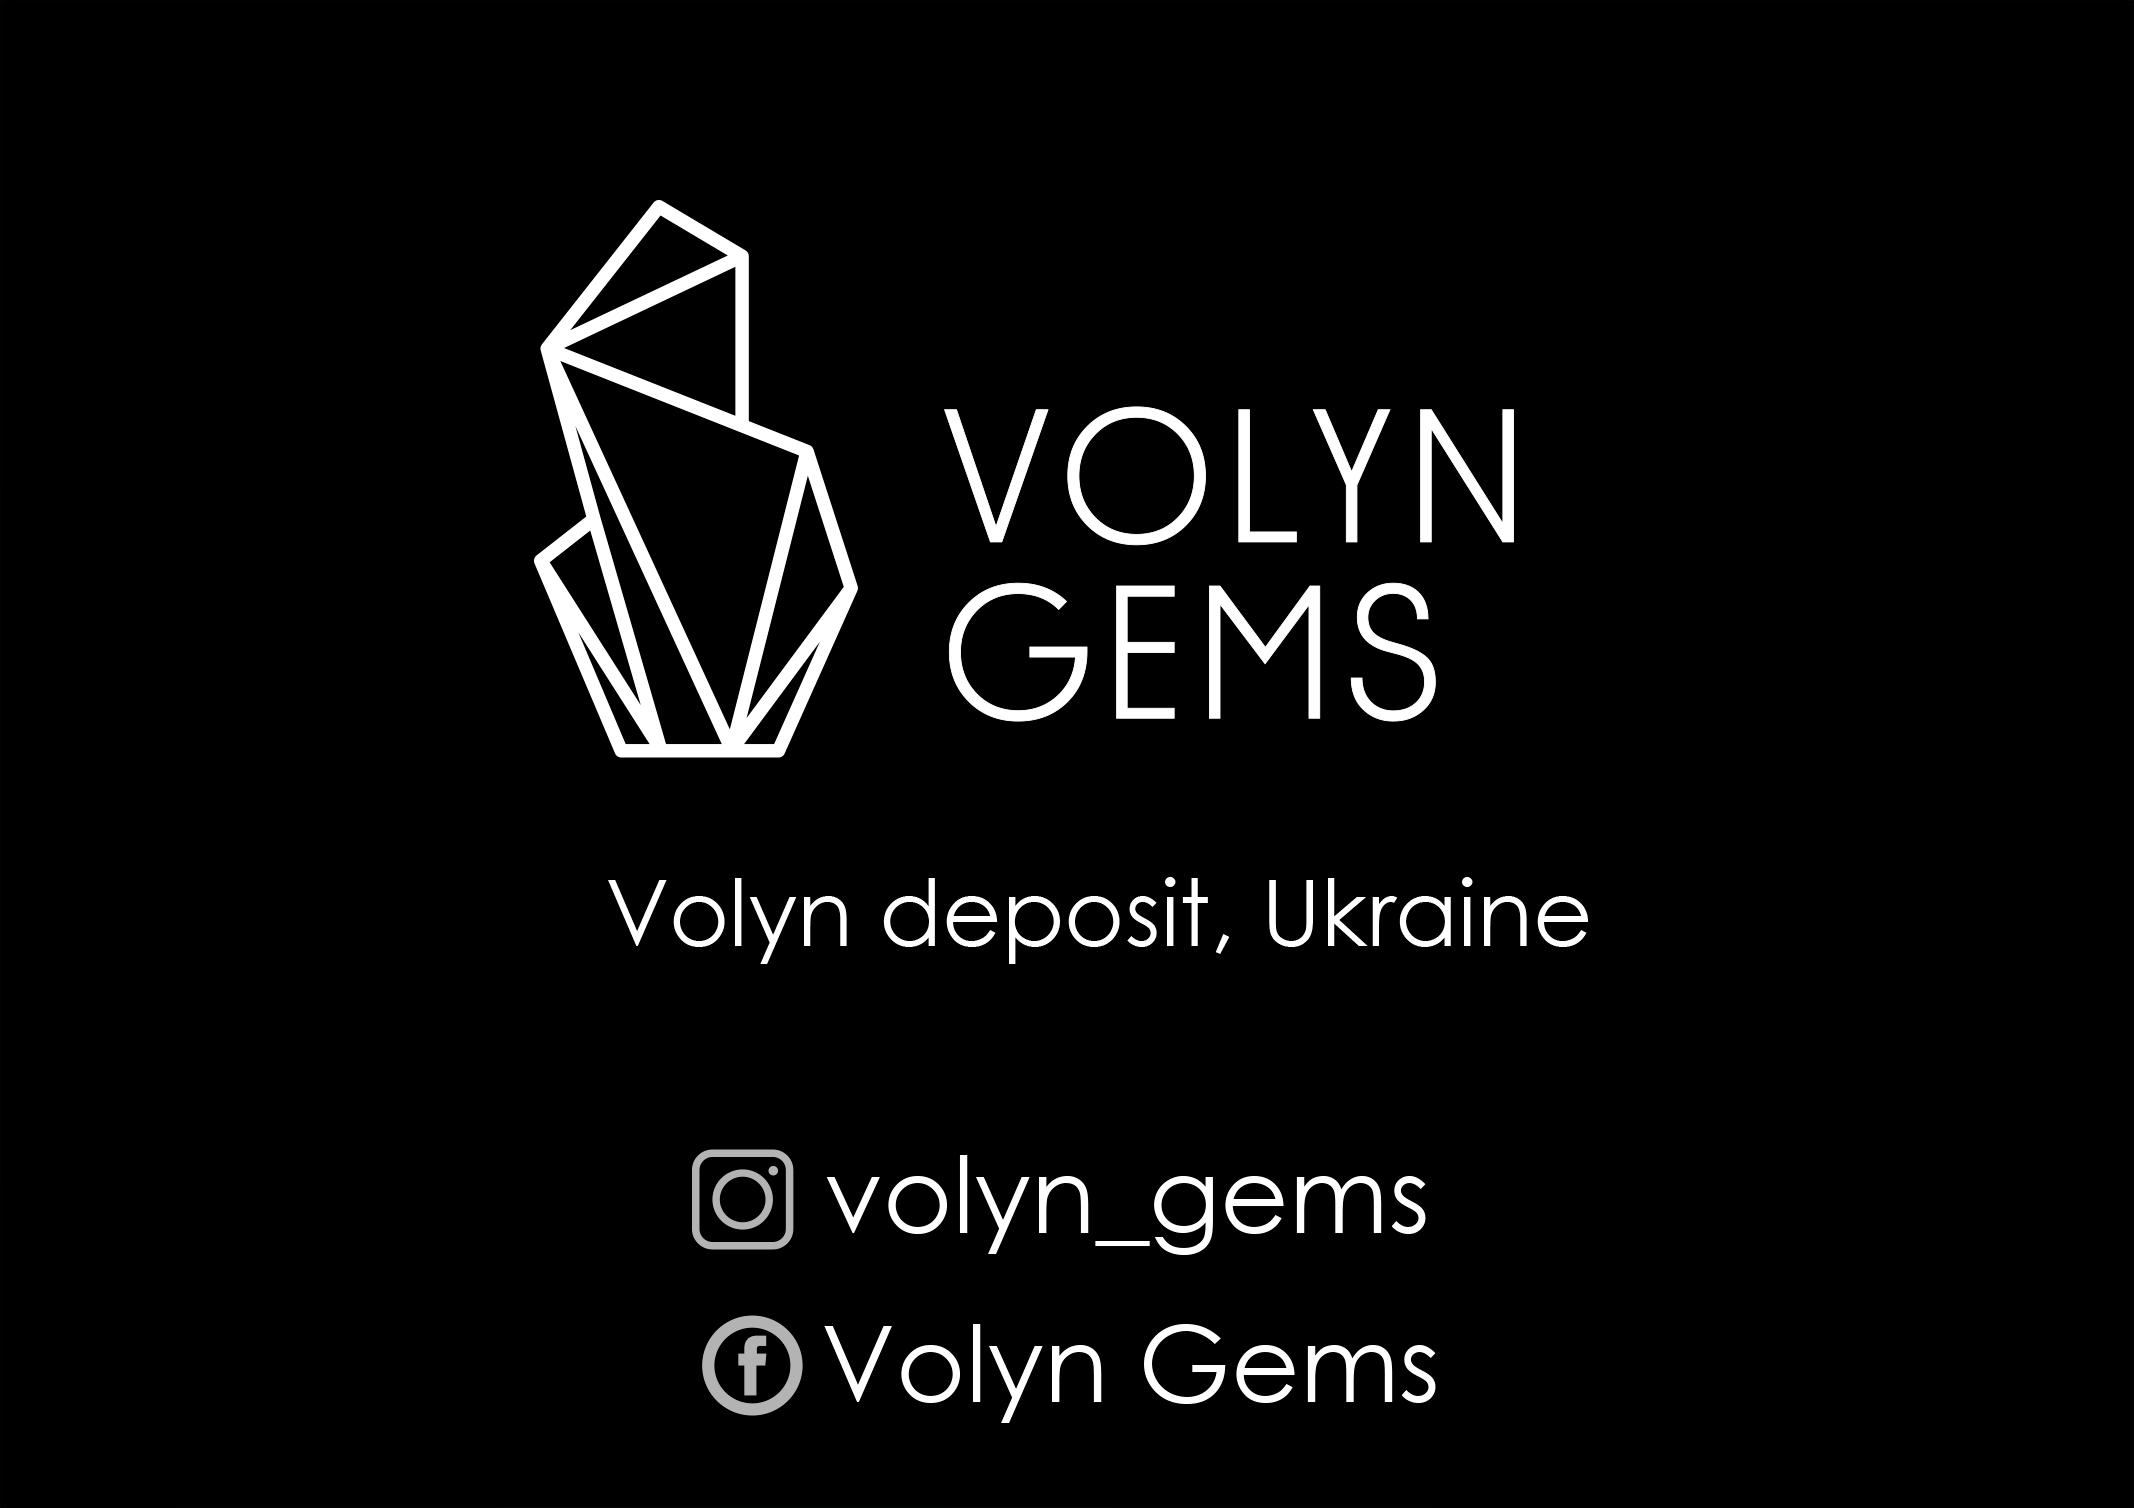 «Volyn Gems» on social media profiles